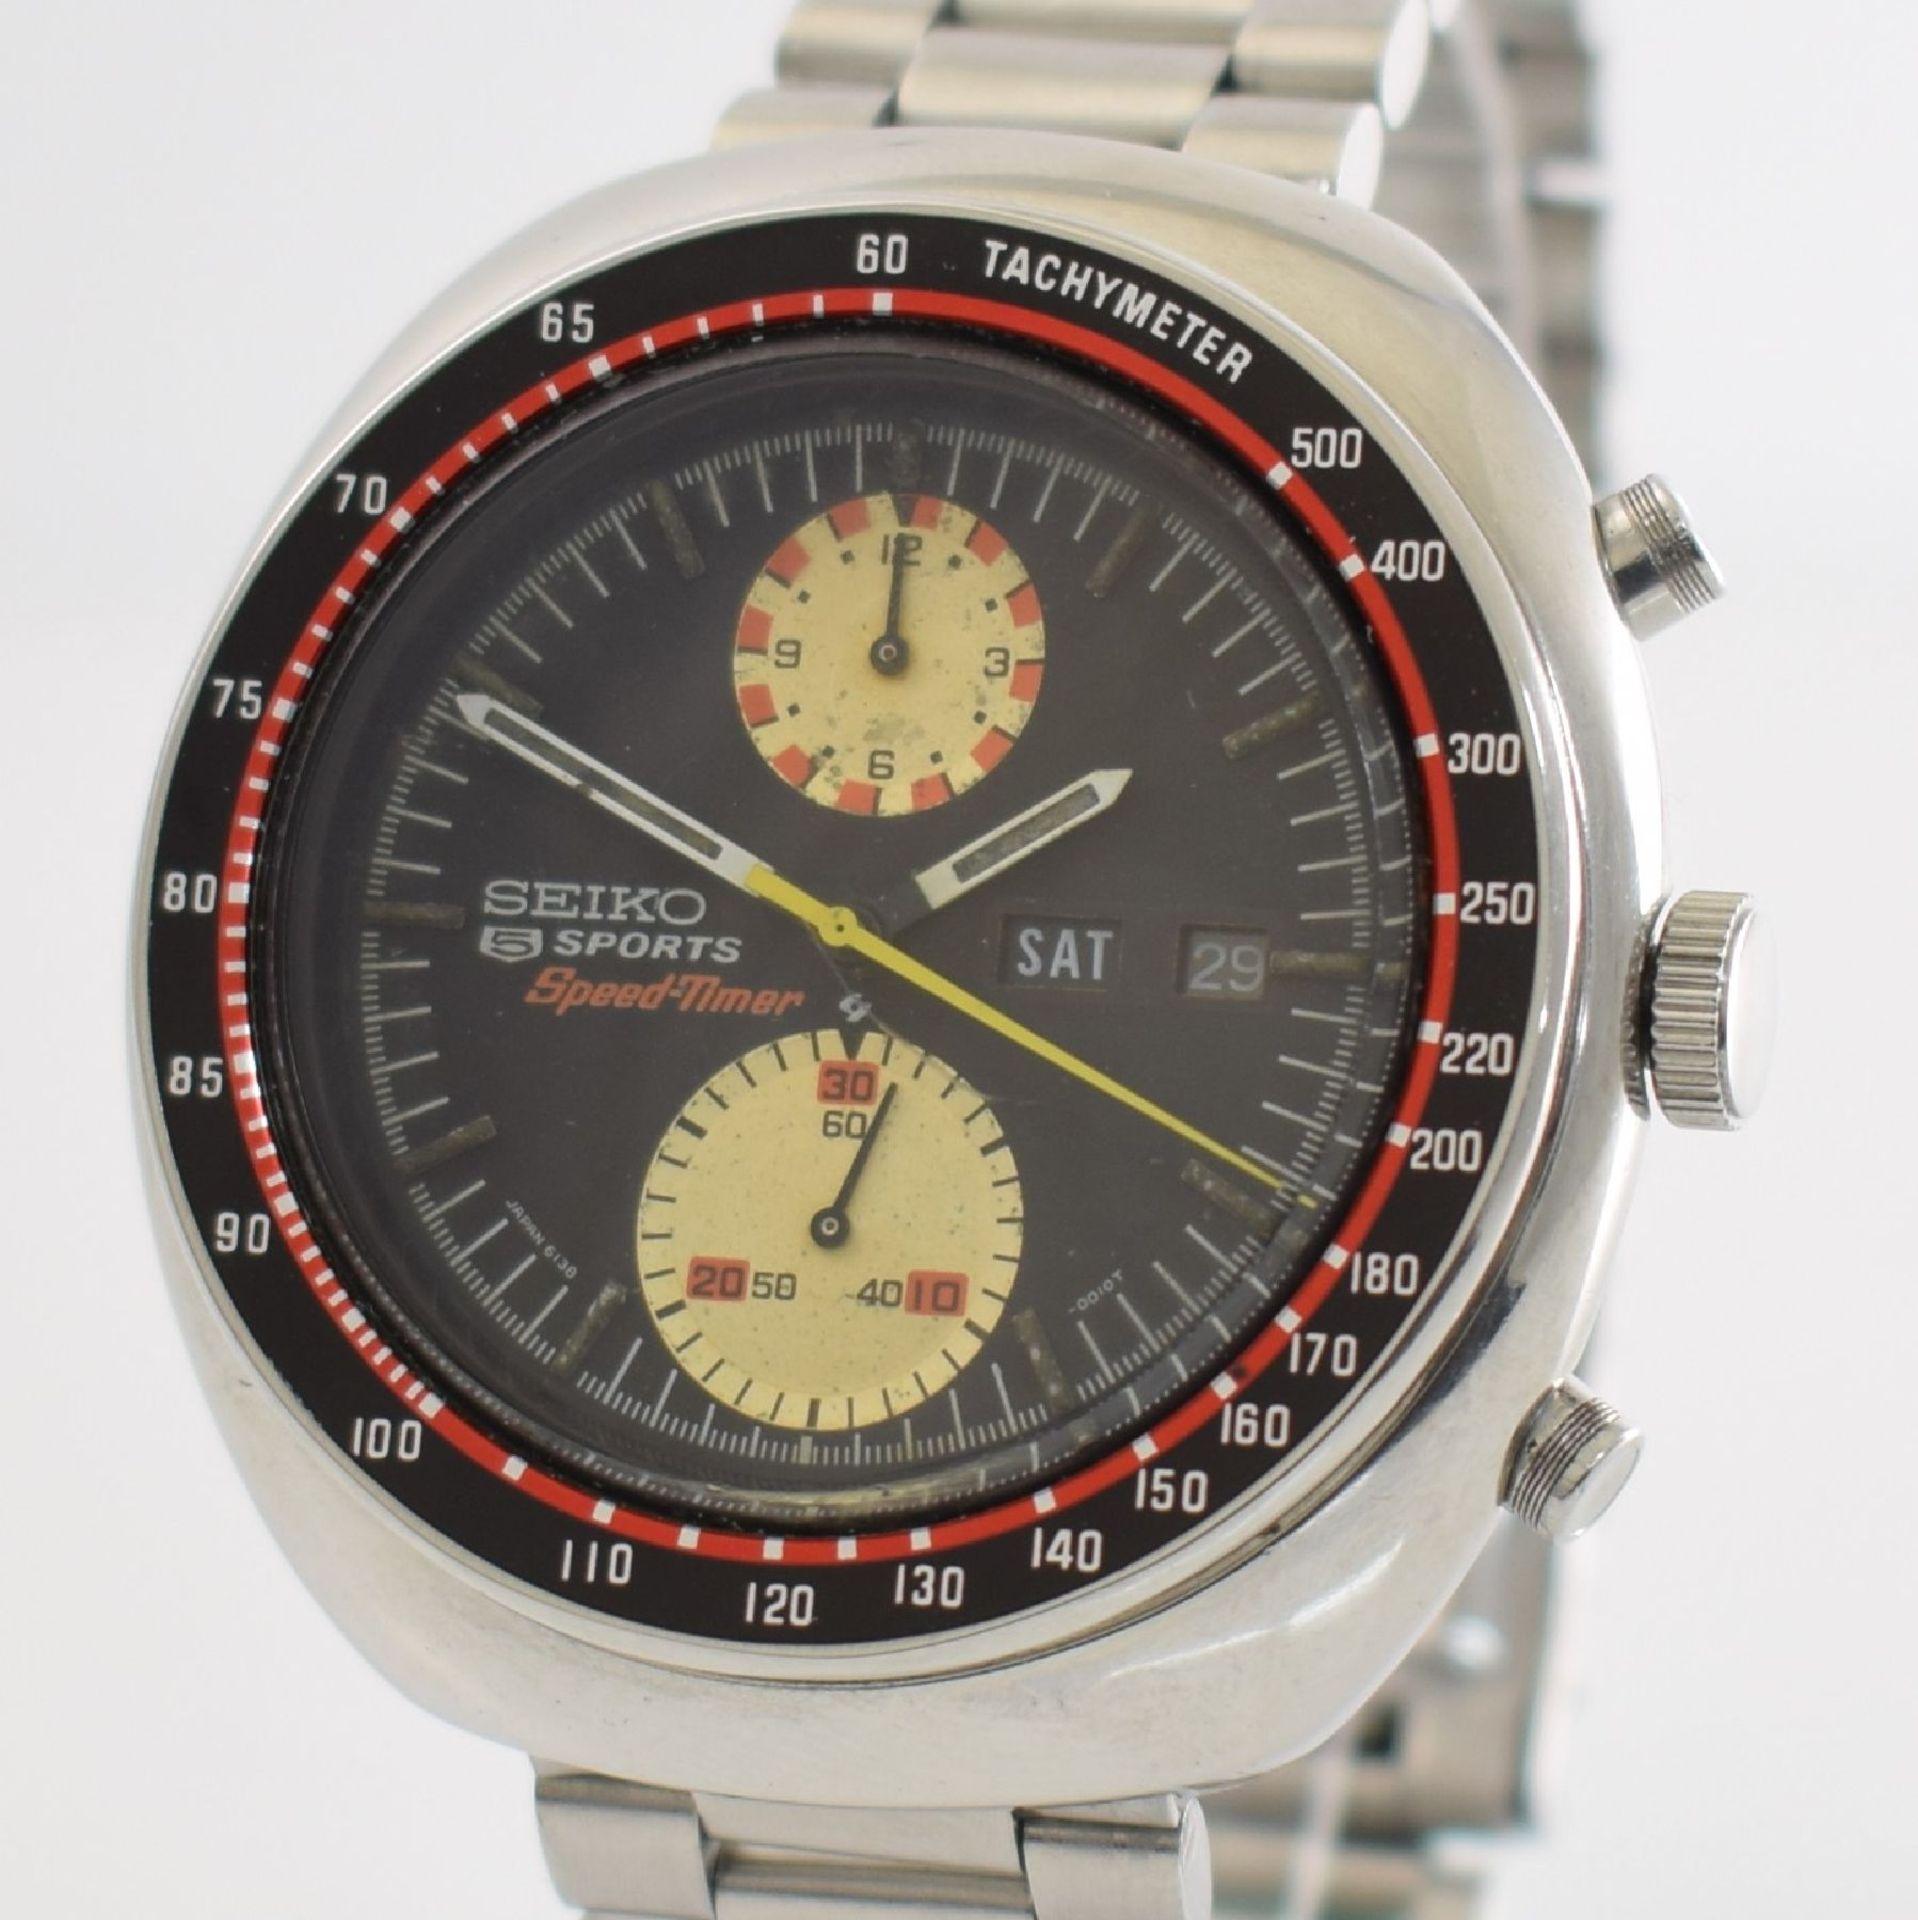 SEIKO 5 Sports Schaltradchronograph Speed-Timer, Automatik, Japan für den dtsch. Markt um 1970, Ref. - Bild 4 aus 8